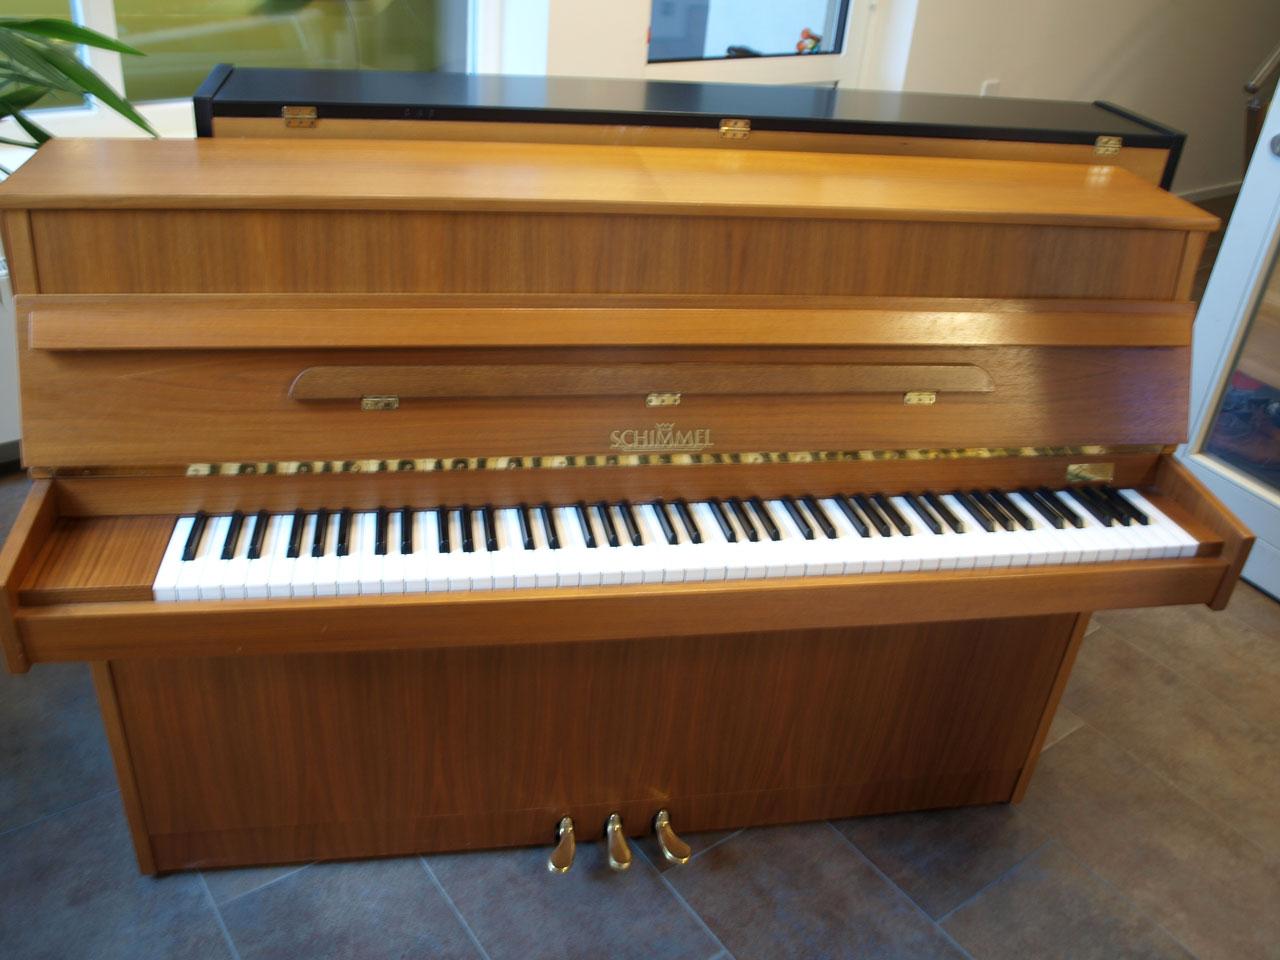 Schimmel - Klavier, Mod. 106